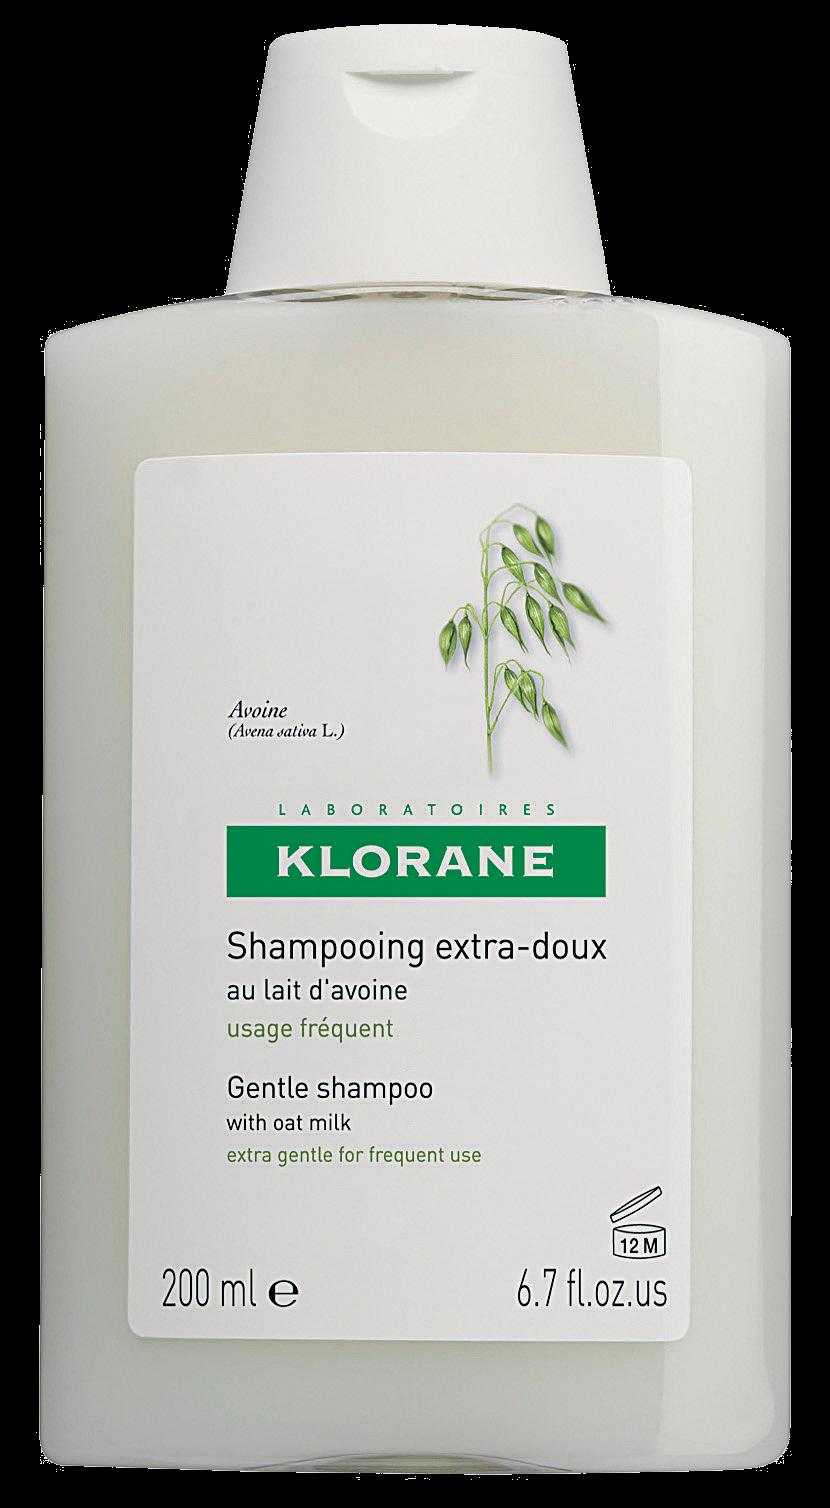 klorane shampoing extra doux au lait davoine - Shampoing Colorant Cheveux Blancs